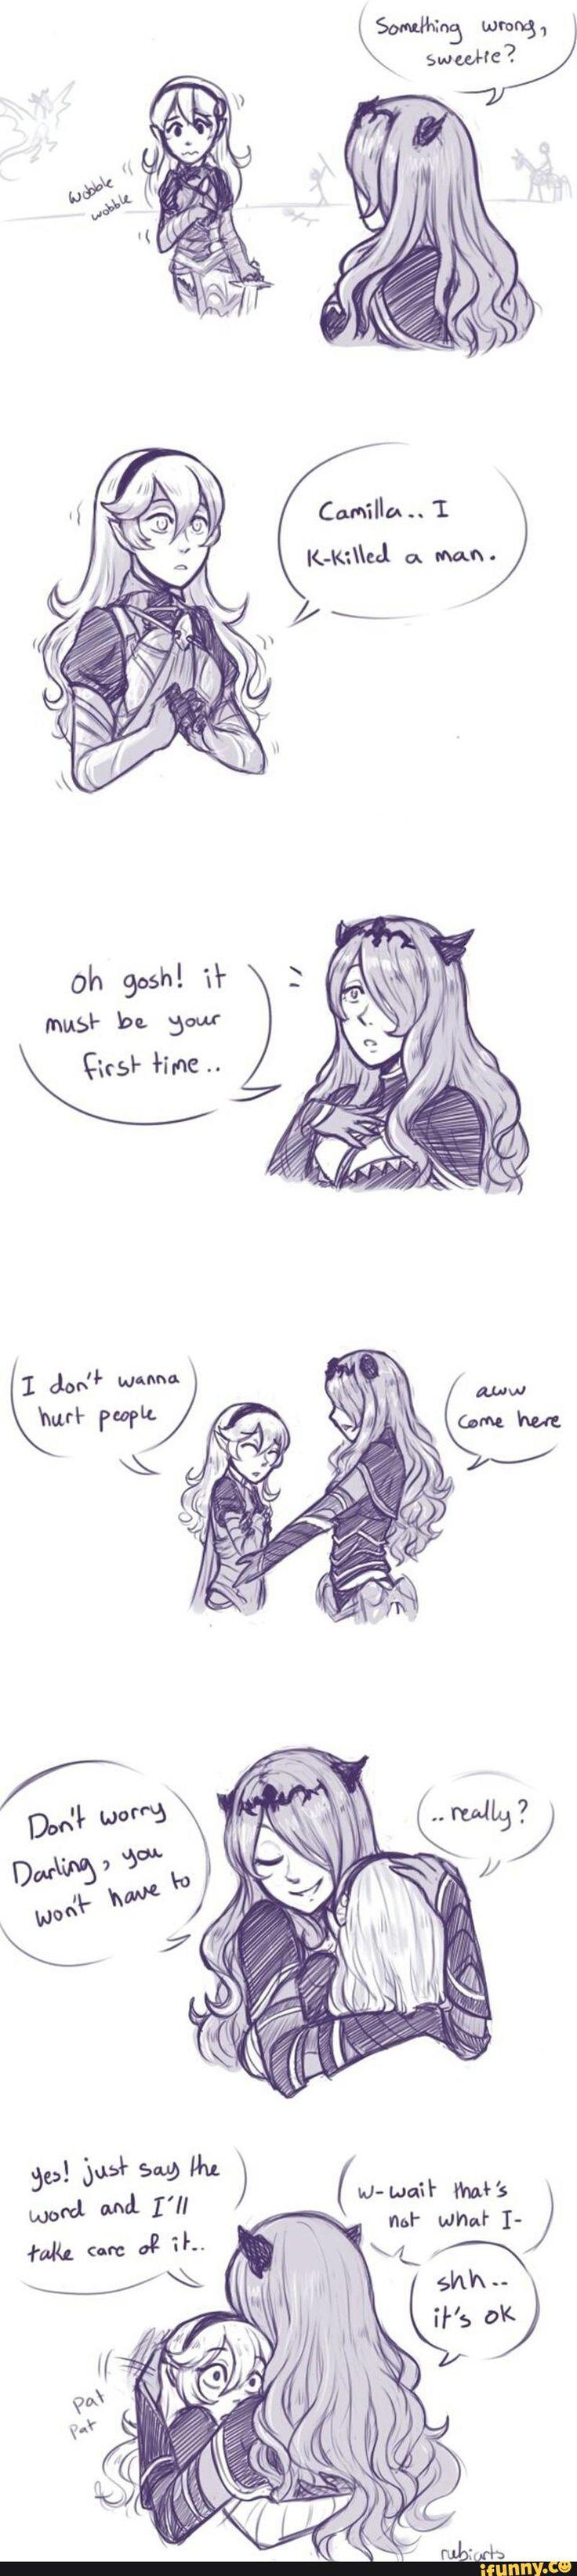 Fire Emblem: Fates Corrin and Camilla